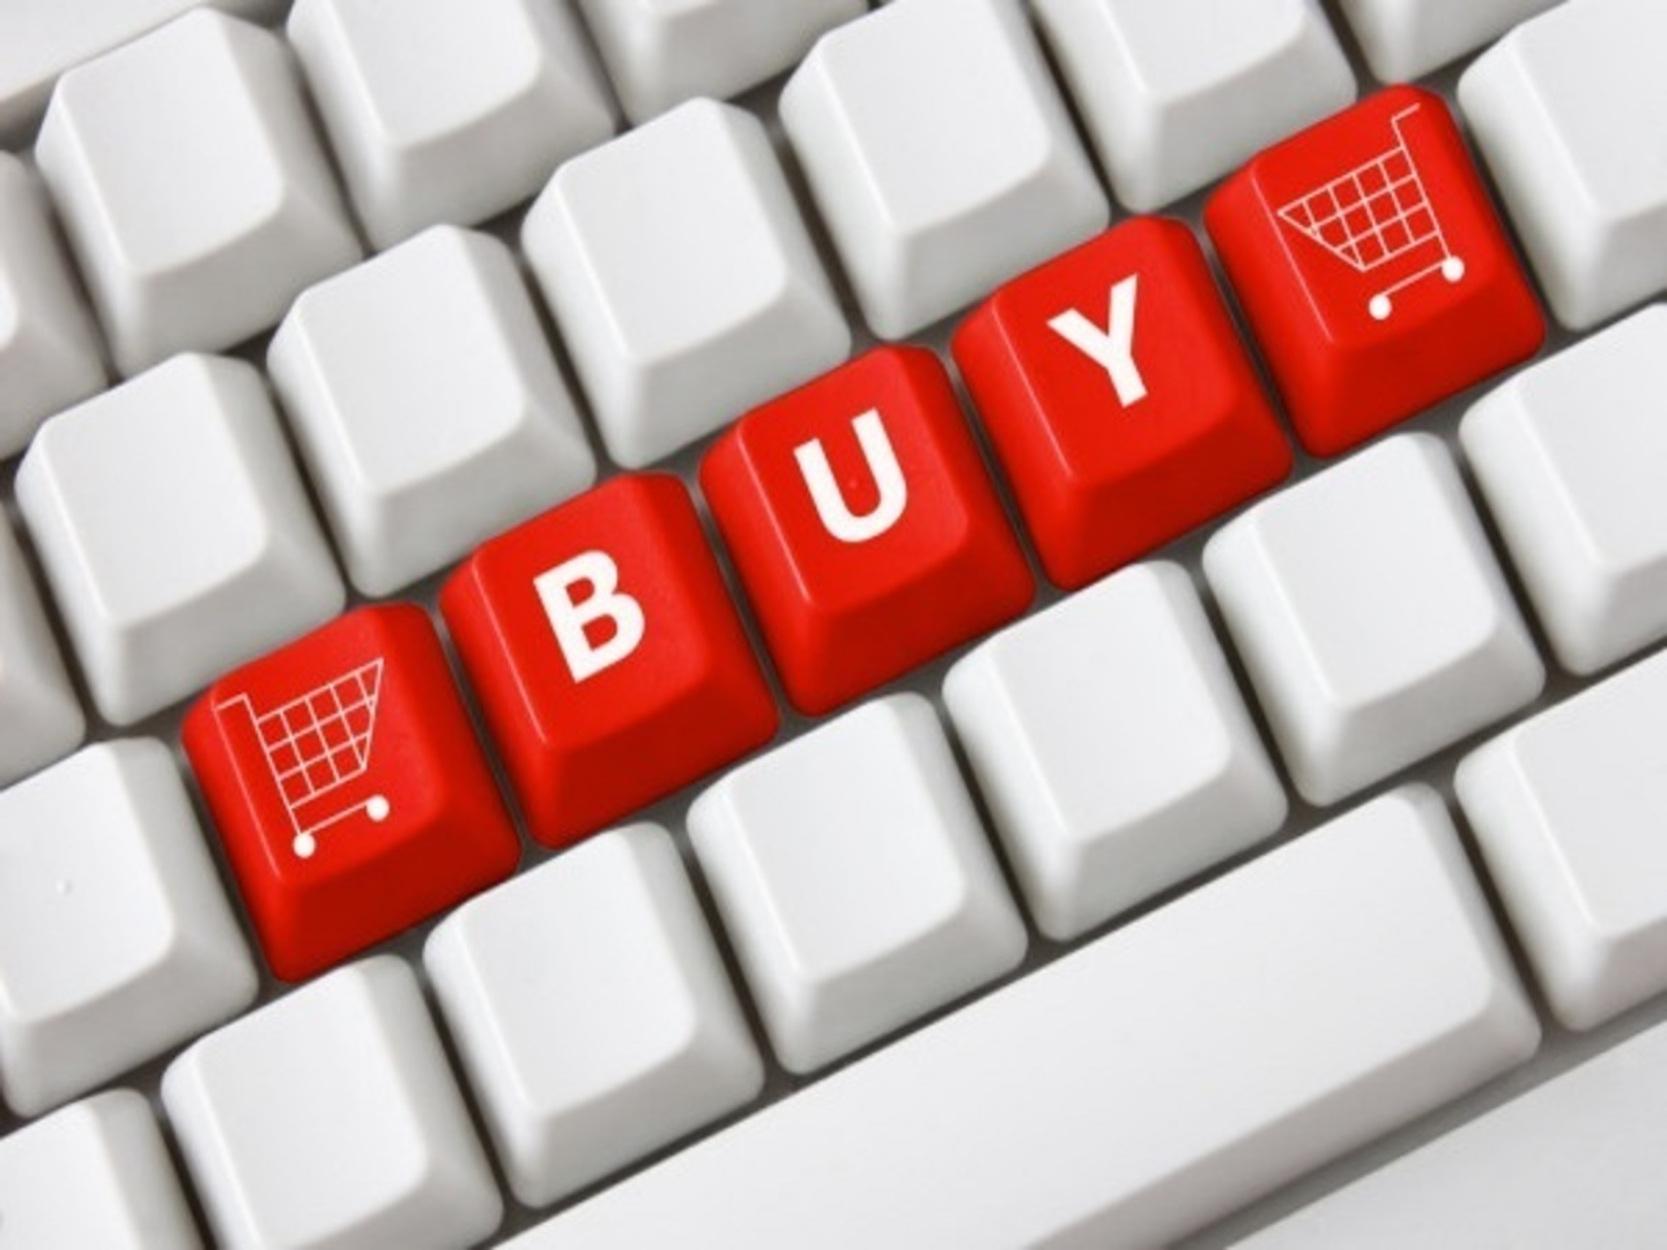 Ξεκινά το «e-ΛΙΑΝΙΚΟ» – Έρχεται κώδικας διαφάνειας για το ηλεκτρονικό εμπόριο